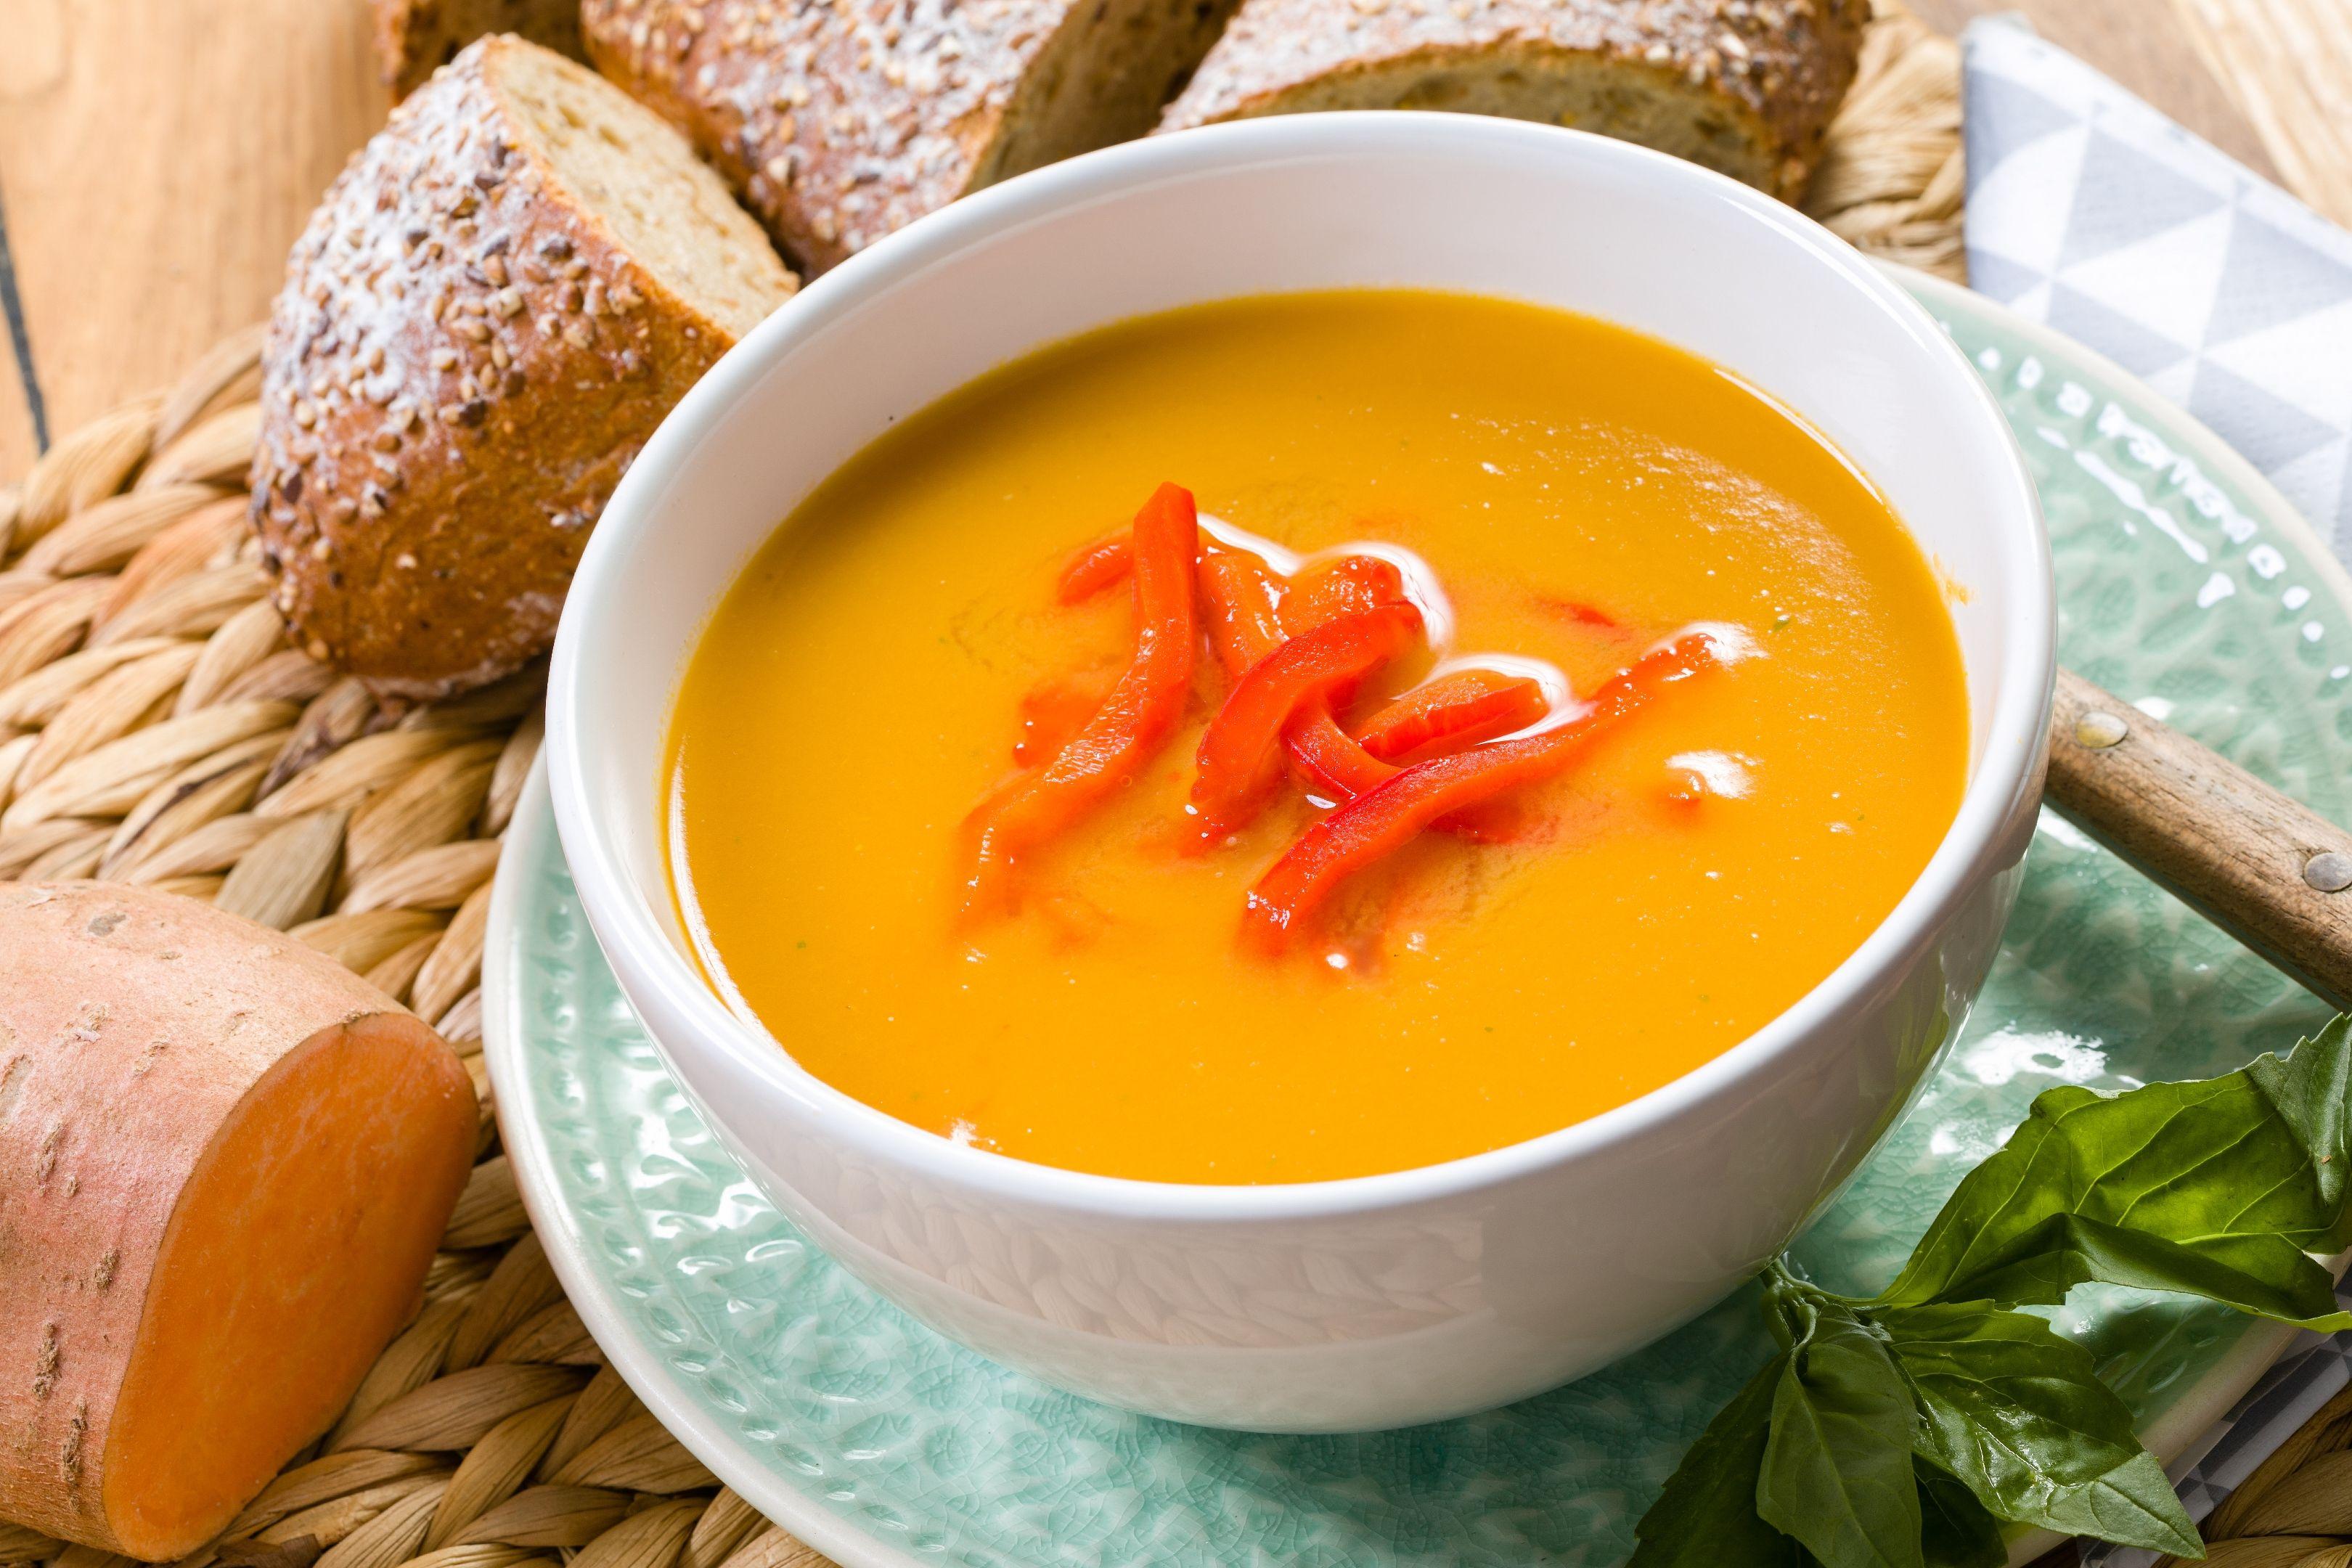 Sweet potato soup.  #sweetpotato #zoeteaardappel #Süßkartoffel #suppe #soup #soep